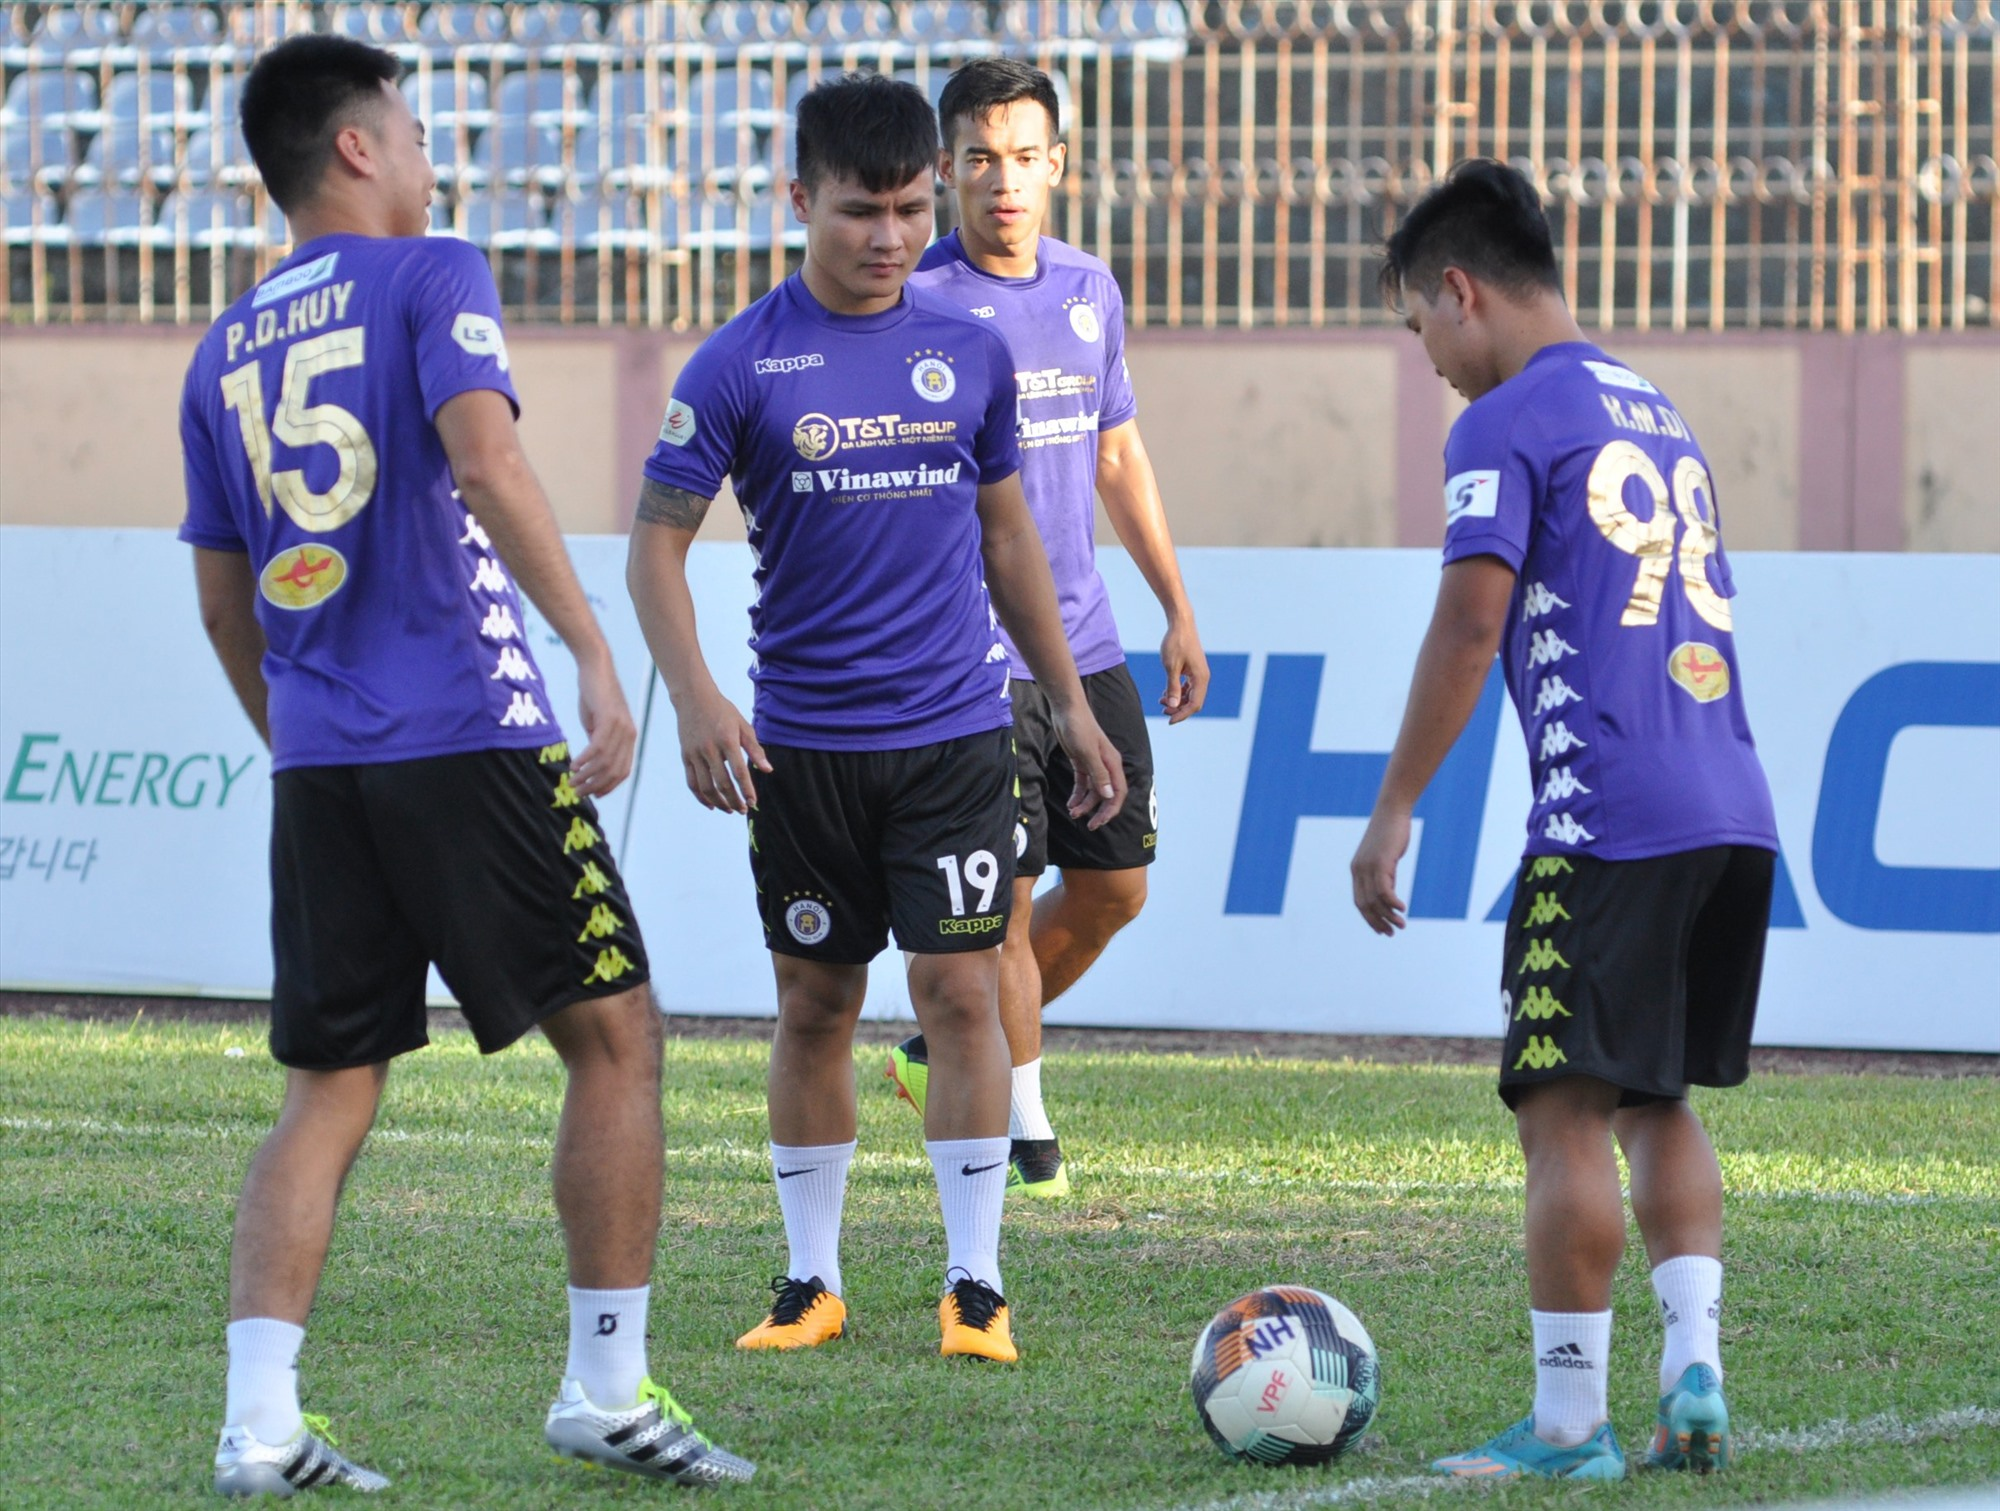 Các đội bóng V-League sẽ thi đấu trở lại từ tháng 2.2022. Ảnh: T.V